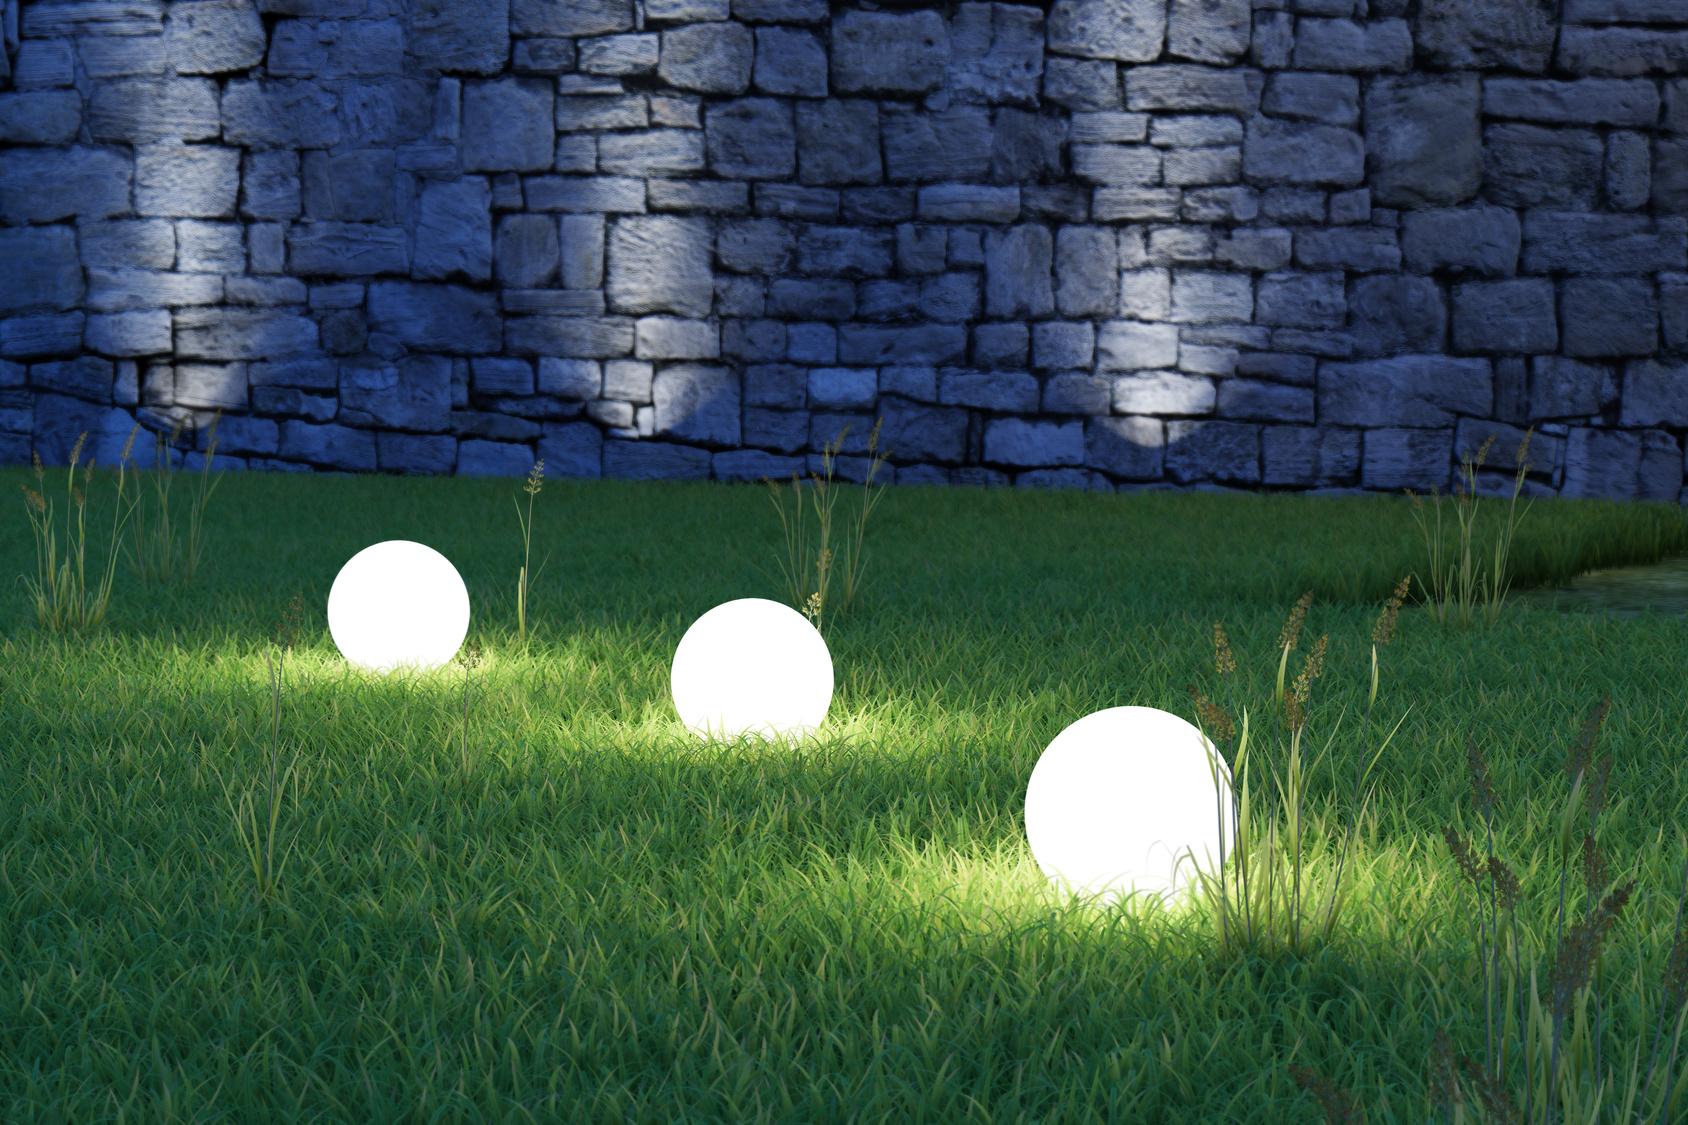 eclairage dans le jardin dune maison - Eclairage Jardin